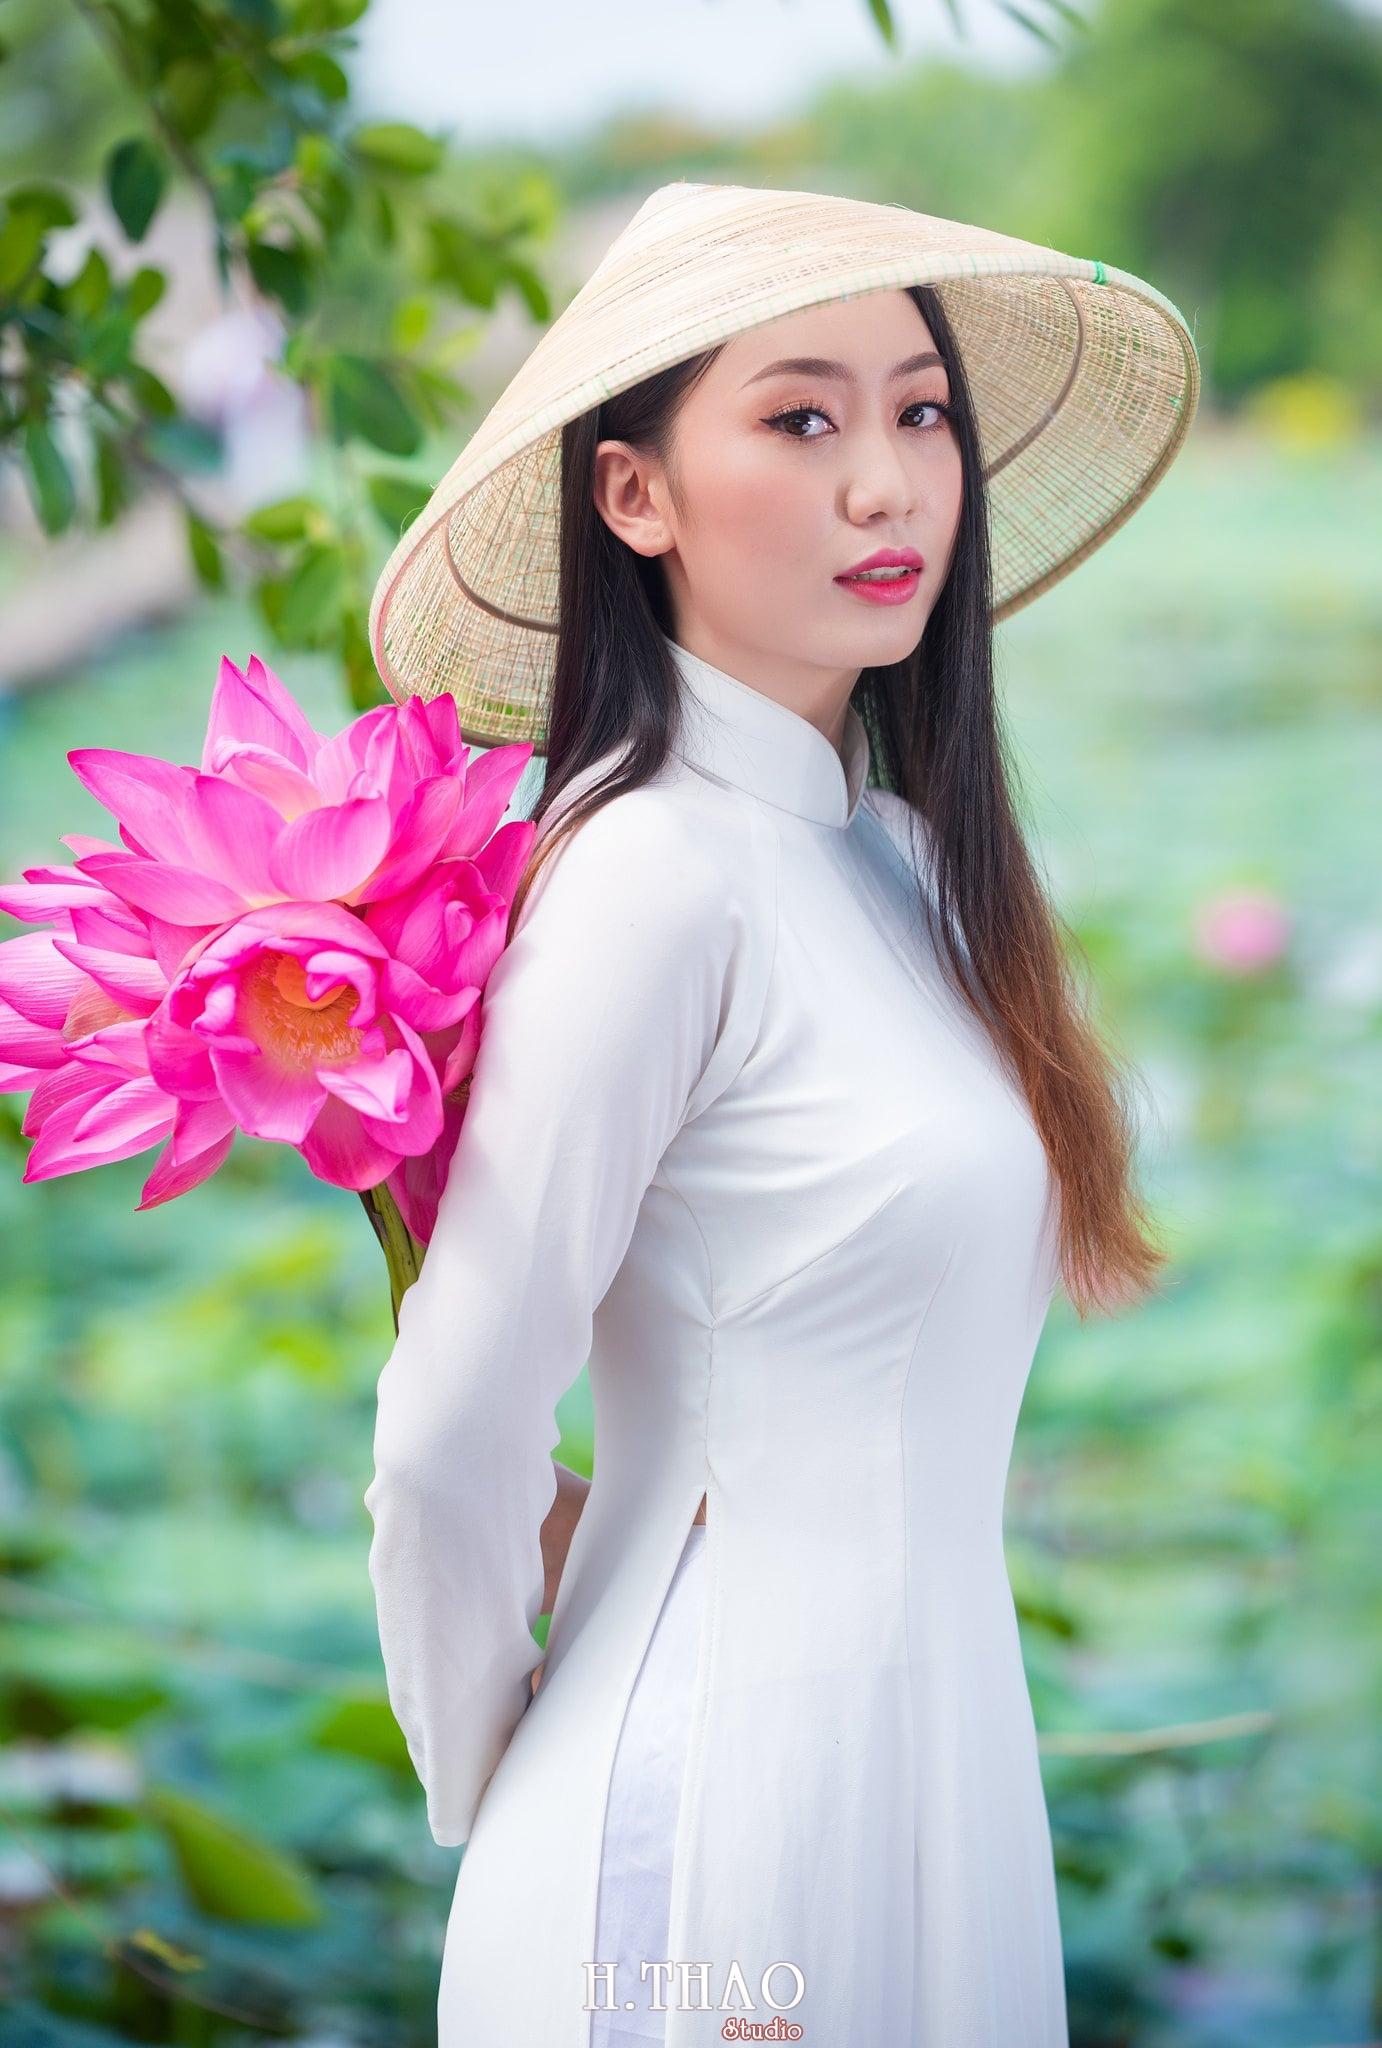 Chup hinh hoa sen 13 - Góc ảnh thiếu nữ bên hoa sen tam đa quận 9 tuyệt đẹp - HThao Studio